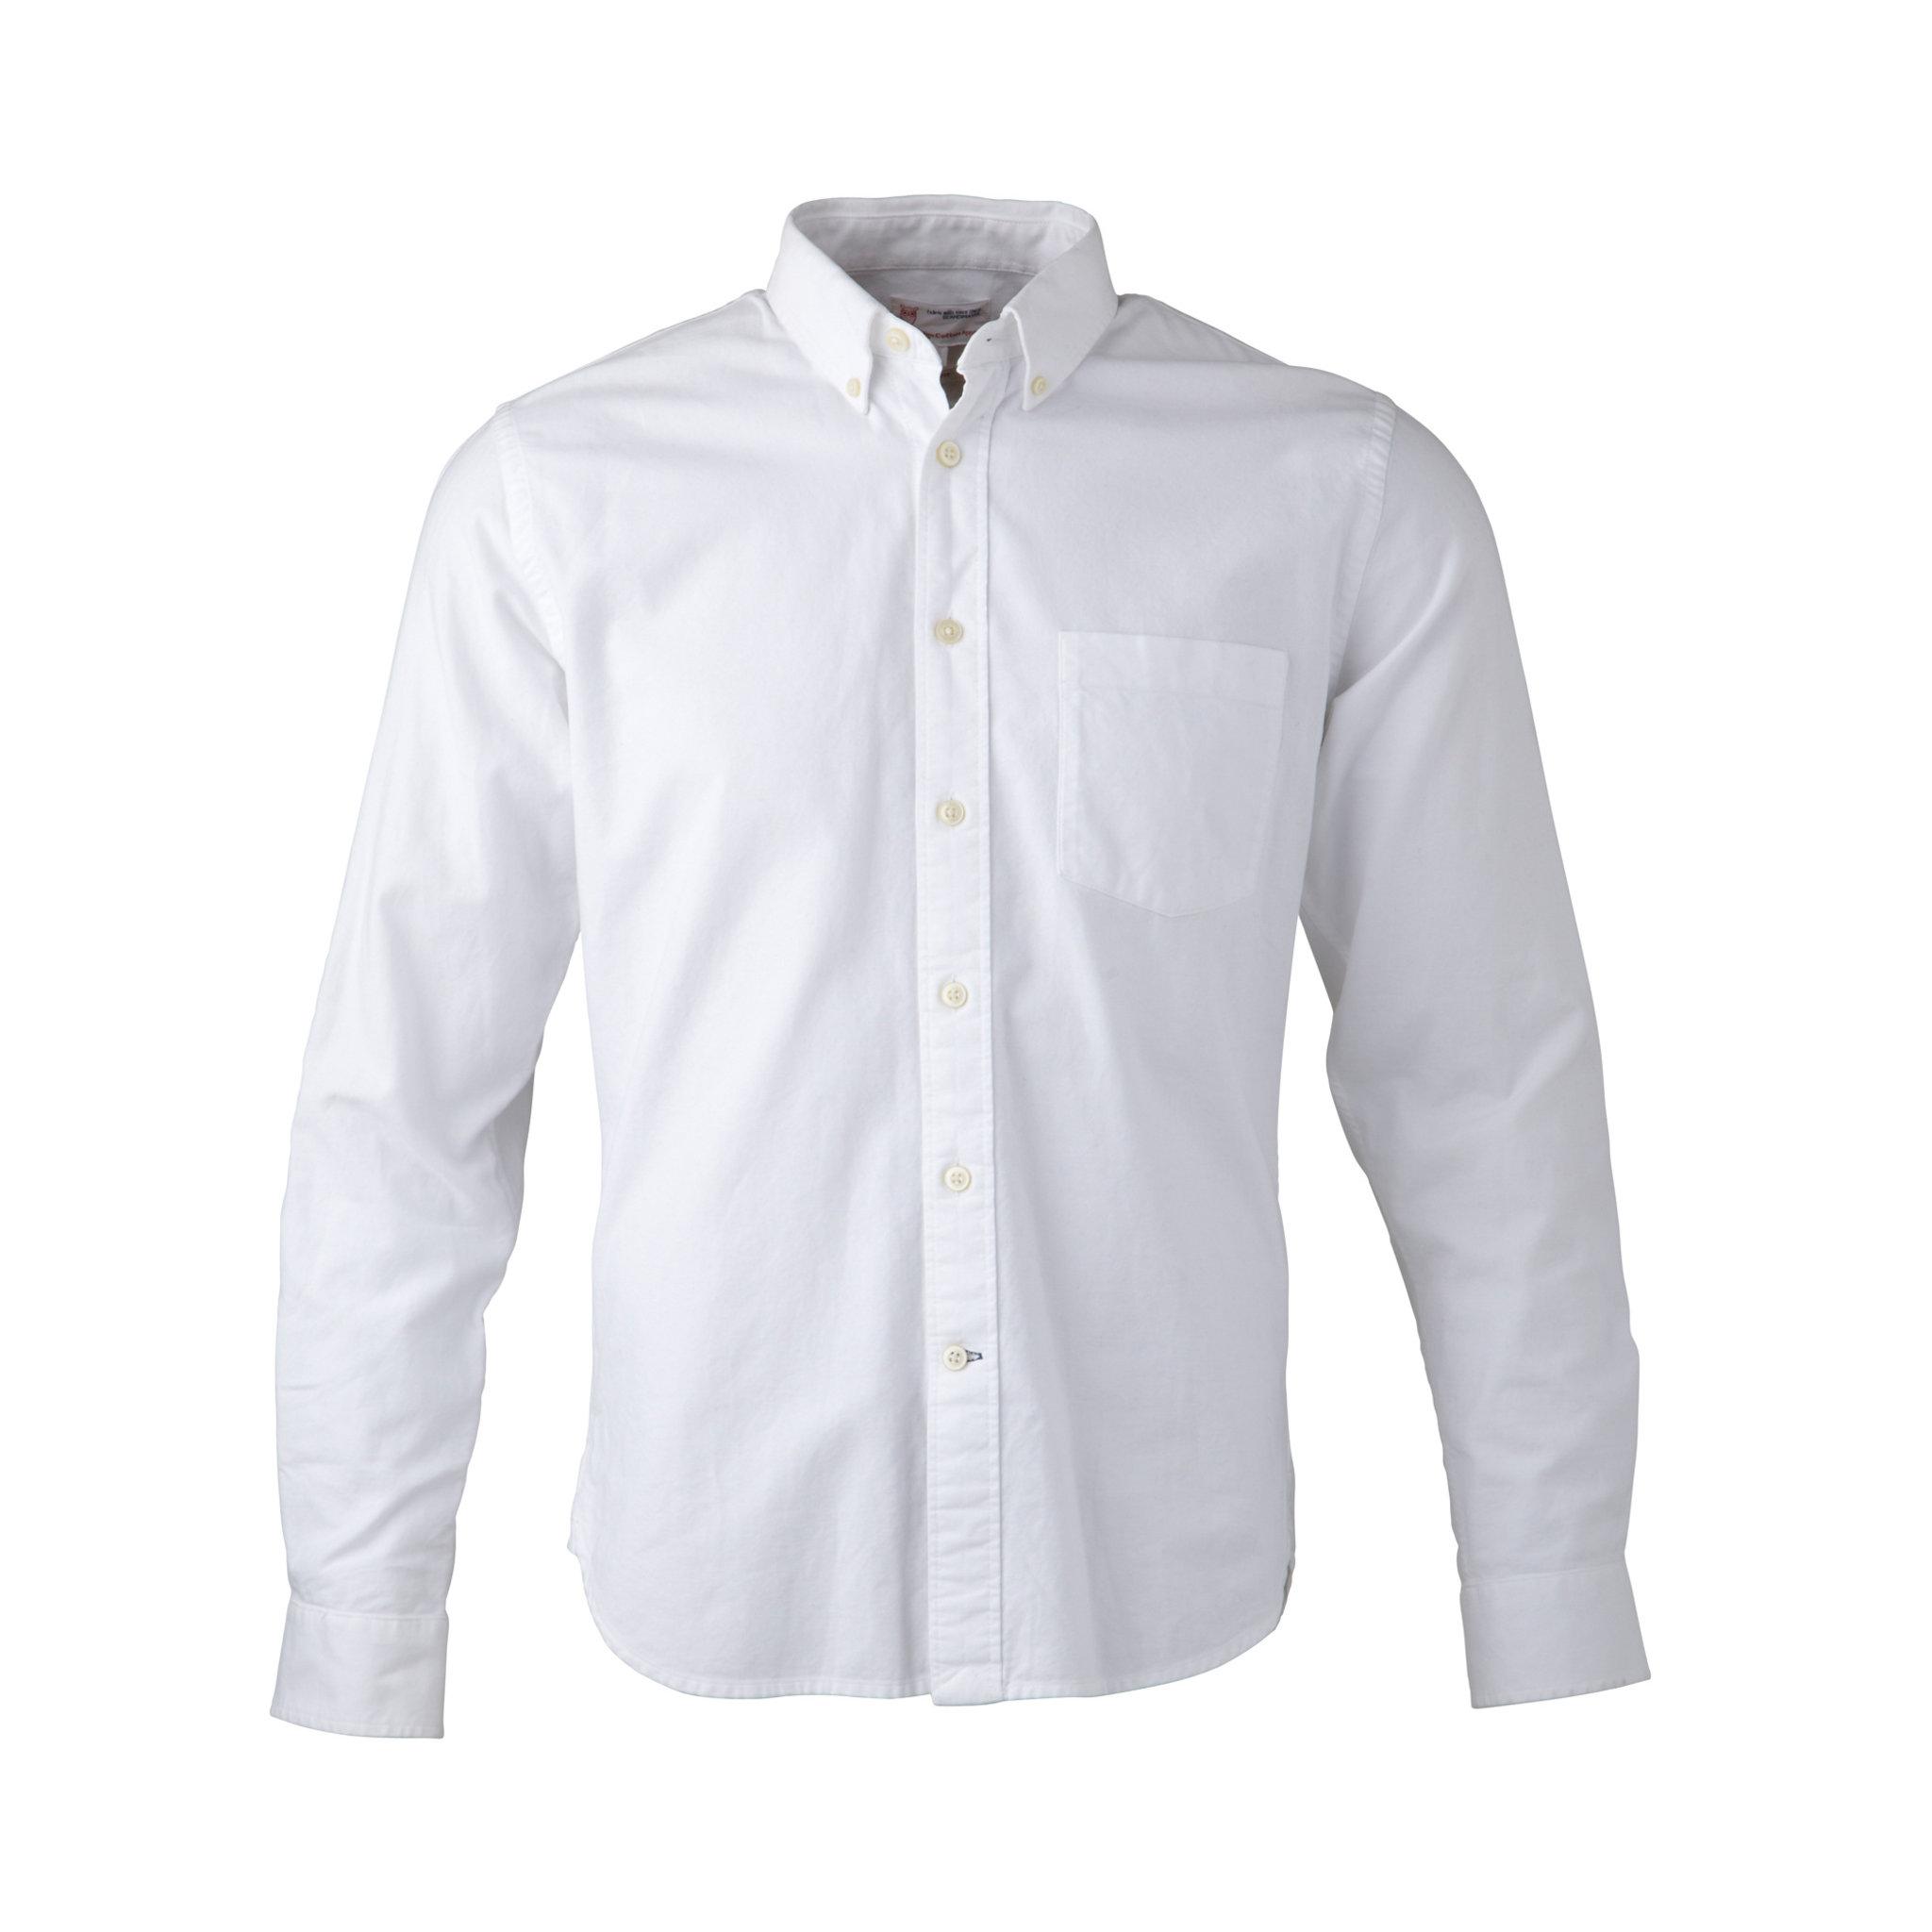 Button Down Oxford Shirt - Skjortor - Köp online på åhlens.se! e172998cd1413